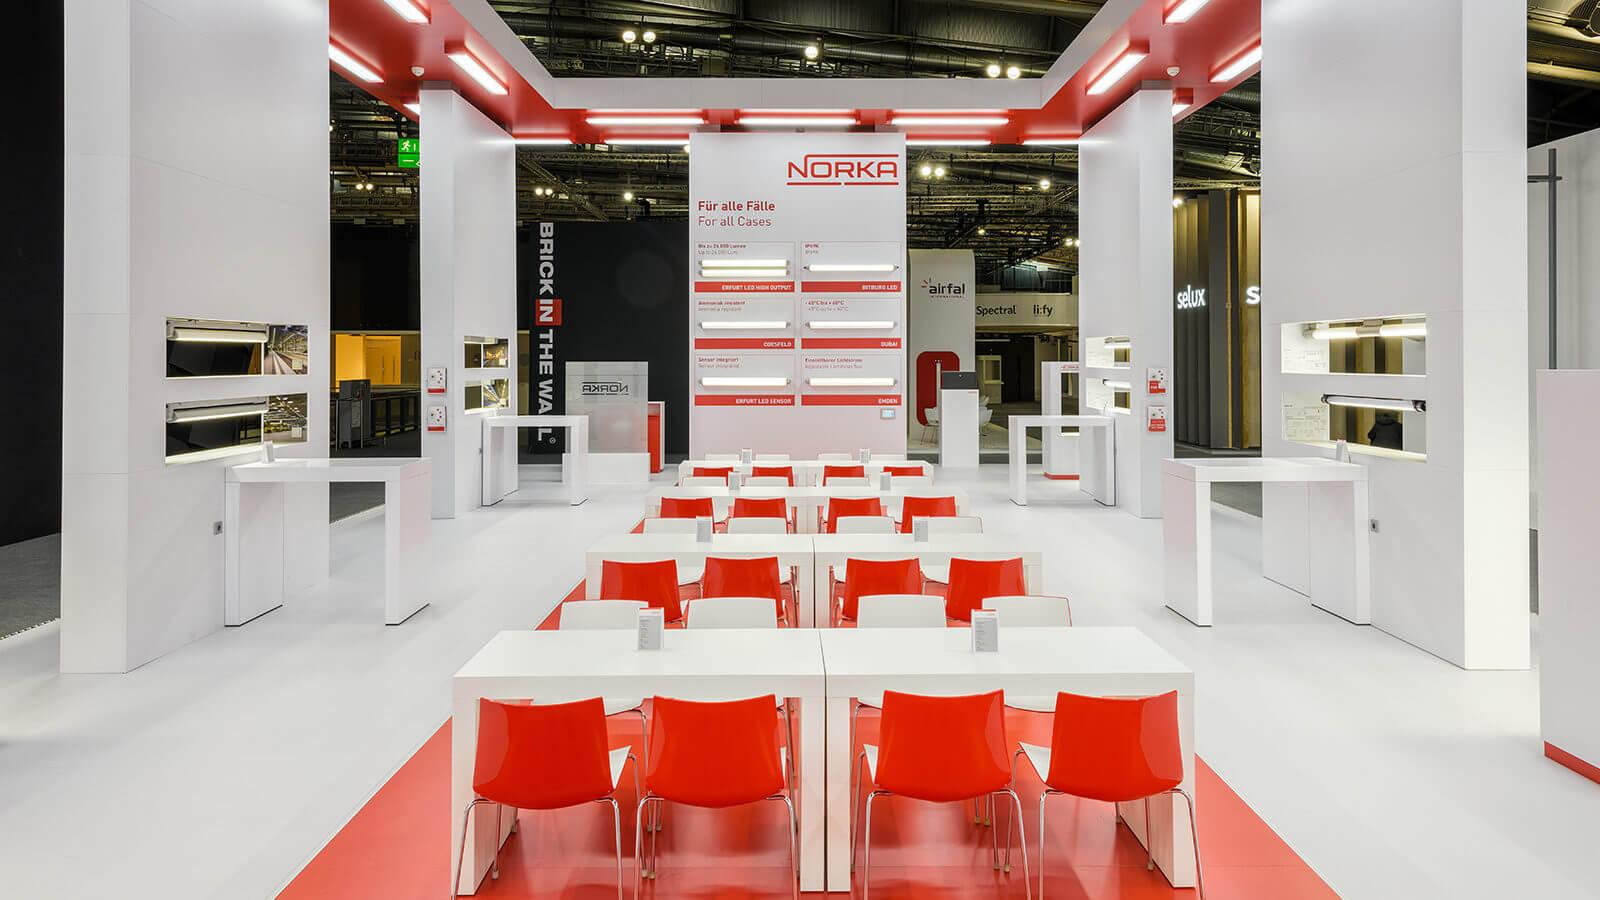 NORKA<br>253 m²<br>light+building